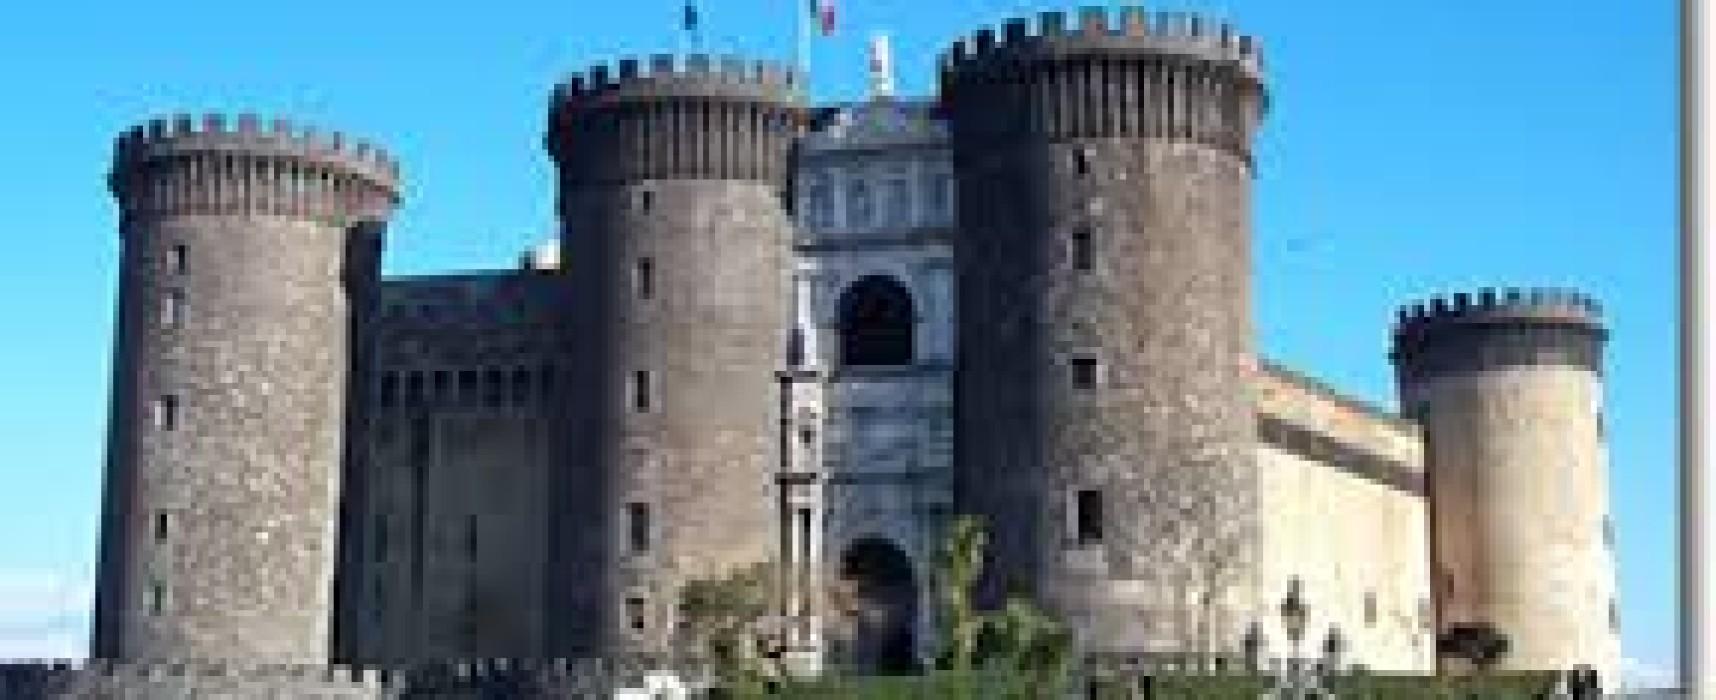 Arco di Trionfo di Alfonso il Magnanimo, no a restauri pesanti